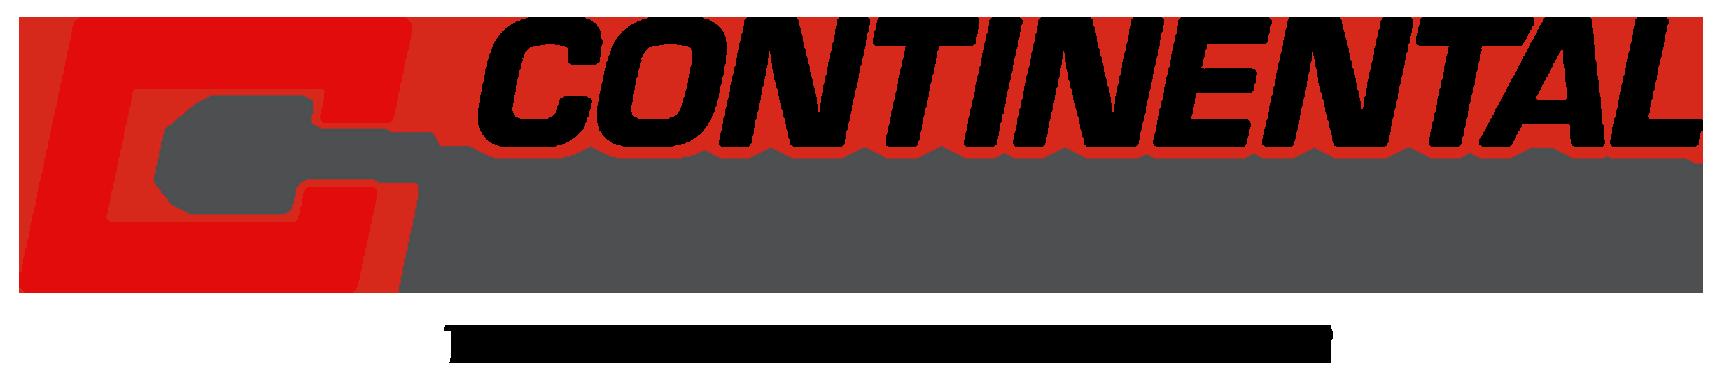 ISU1811510340